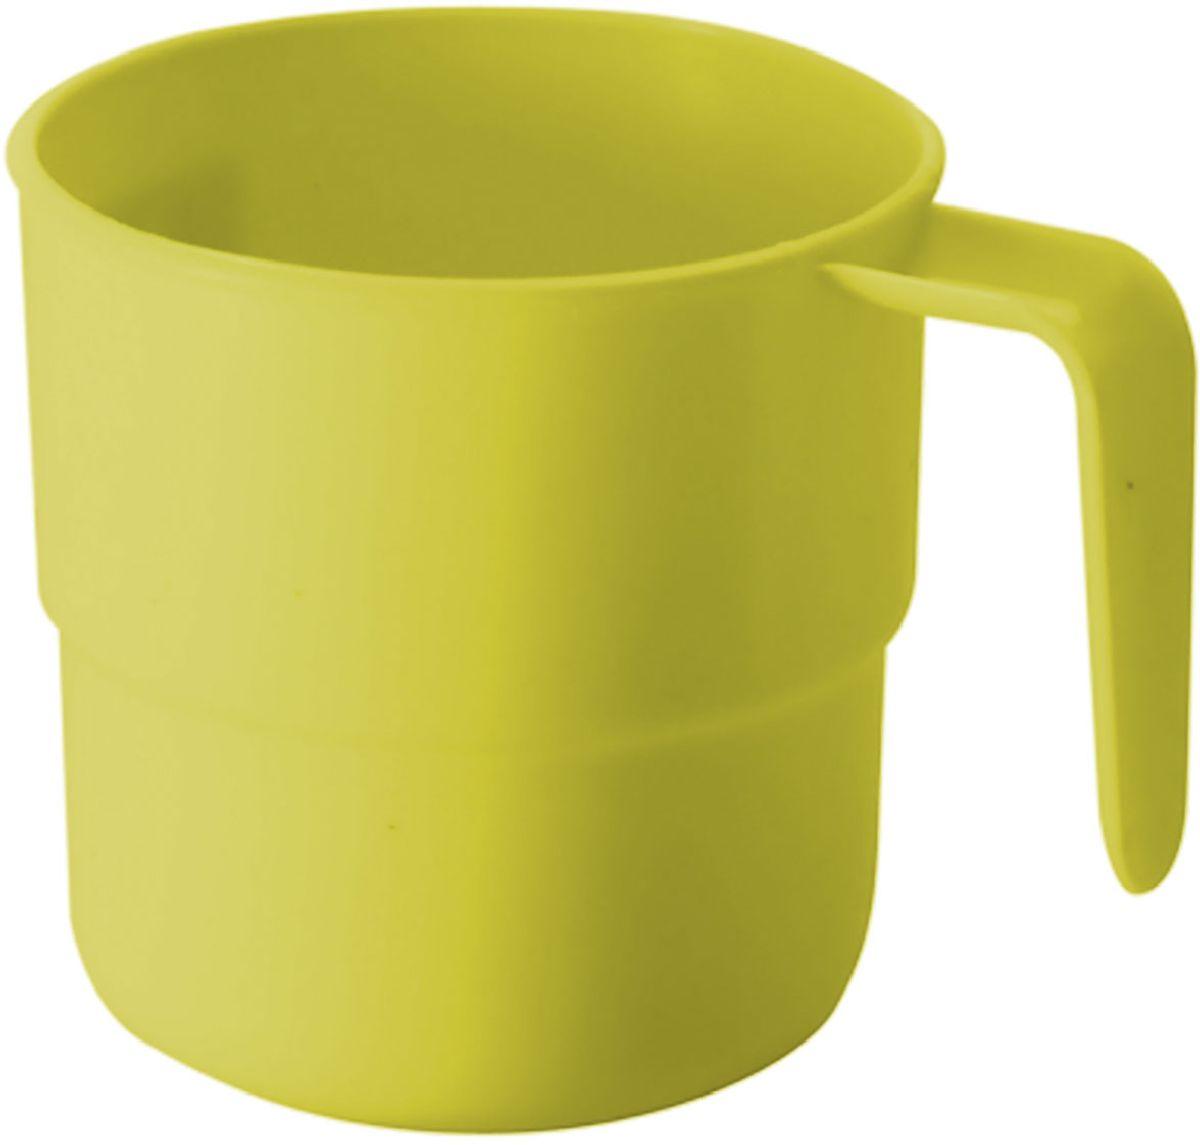 Кружка Plastic Centre, цвет: желтый, 0,25 лПЦ1430ЛМНКружка кемпинговая прекрасно подойдет для дачи, пикника или поездки в поезде. Легкую кружку удобно взять с собой на природу. Яркие цвета и привлекательный дизайн создадут уютную атмосферу и дополнят интерьер дачи. Прочный пластик подходит для многократного использования. Объем 0,25 л.